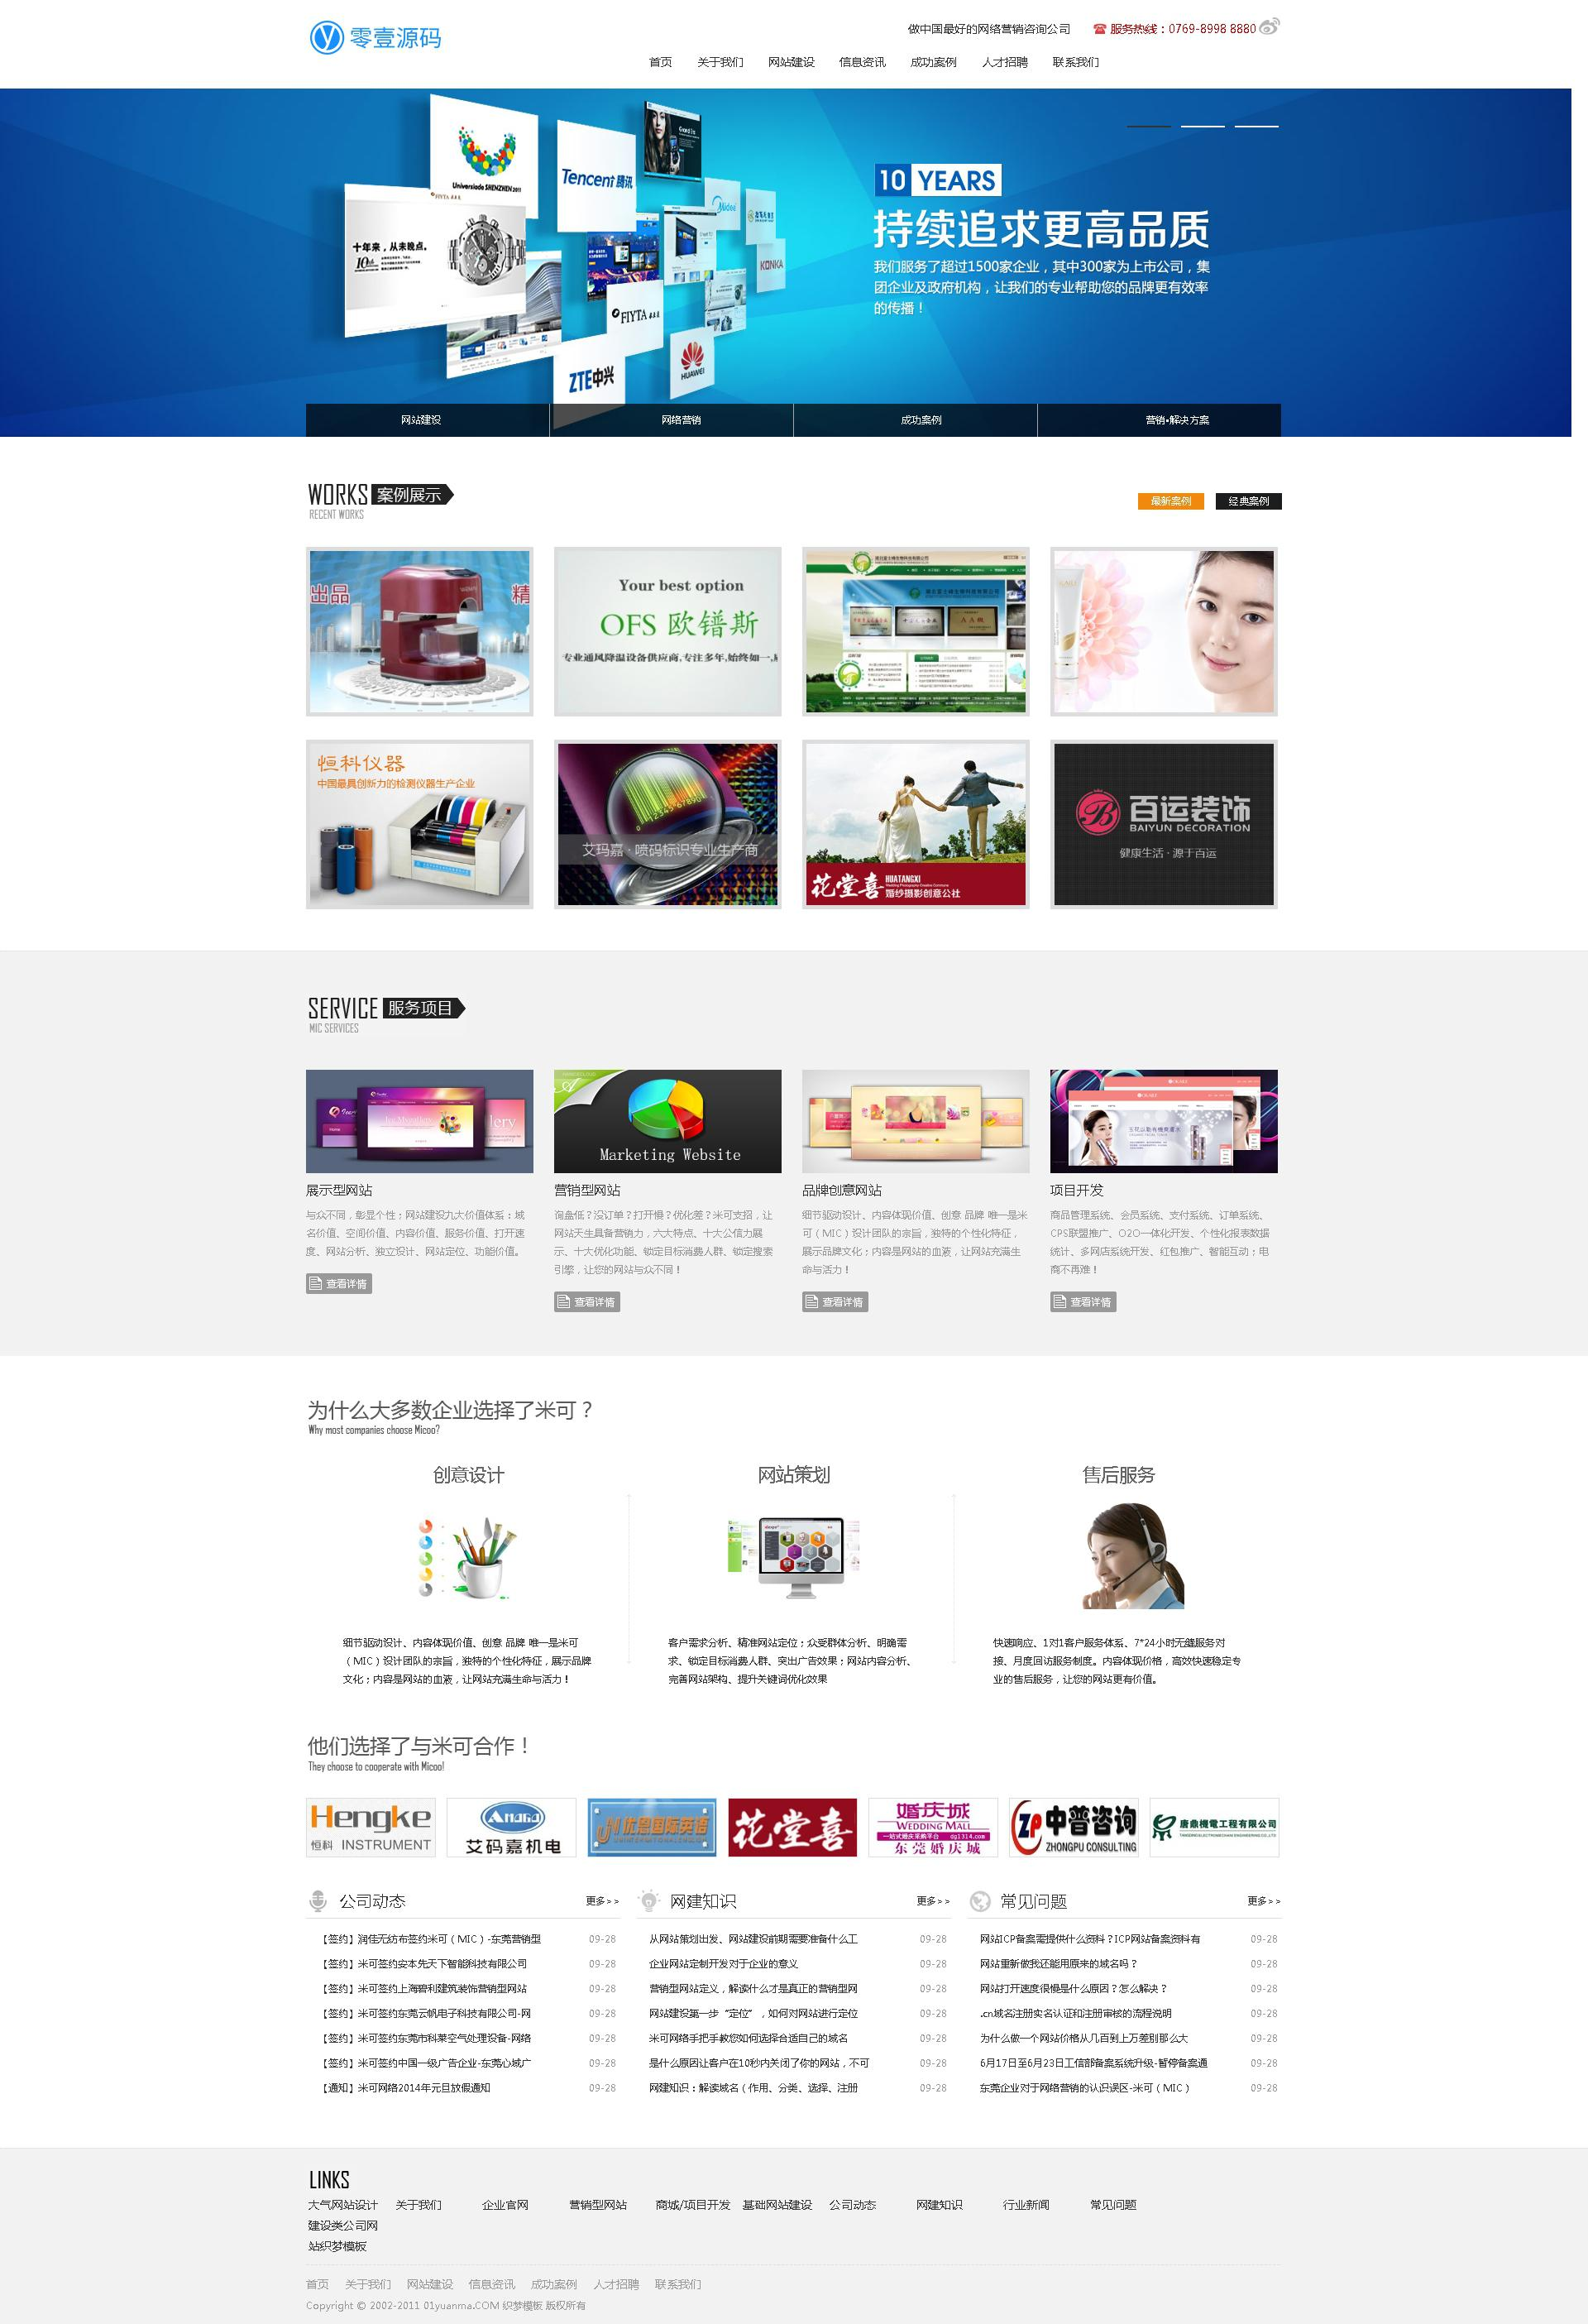 大气网站设计建设类公司网站织梦dedecms模板